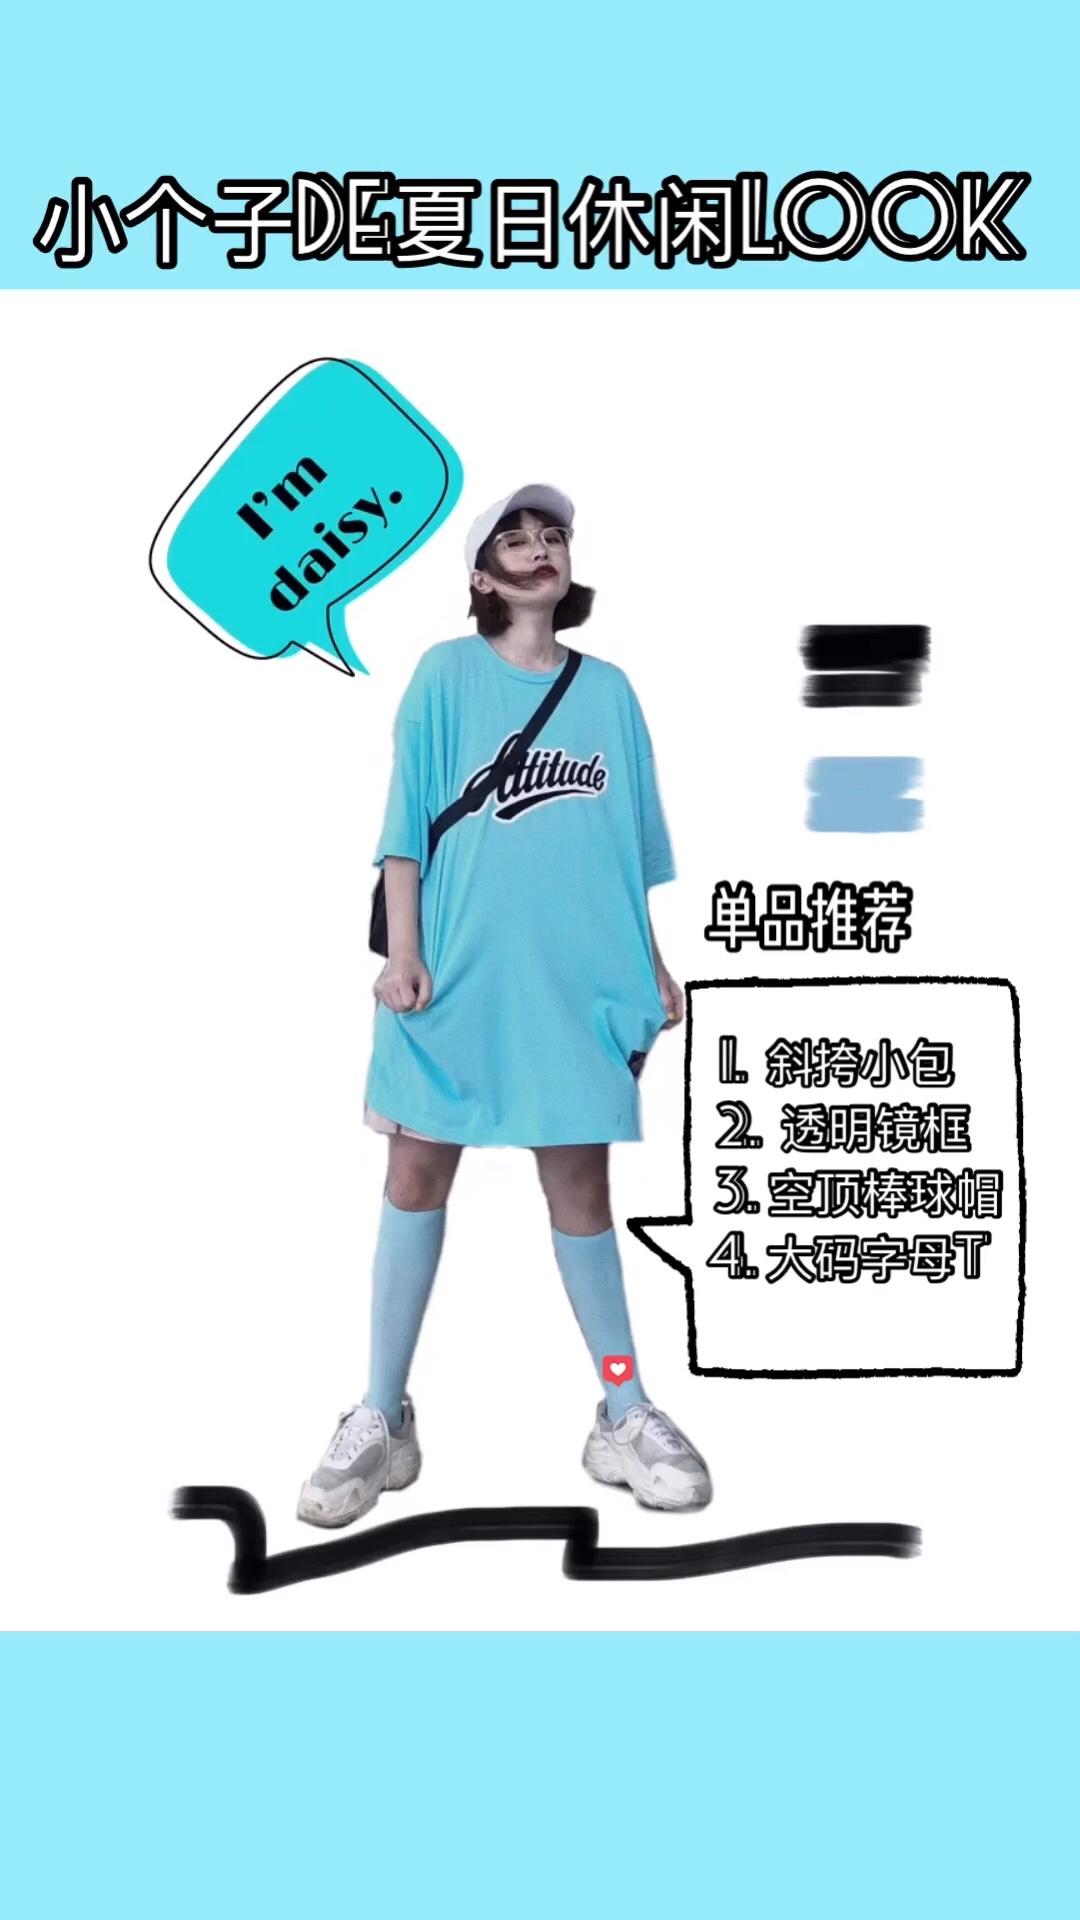 蓝色字母长T恤,选的男装L码,直接做裙子穿搭配长筒袜显个效果也是很赞哦!很适合夏天穿的天空蓝色系,全身蓝感觉超cool的~少女们get起来~~~~#自带降温体质,薄荷味蓝色安排!#